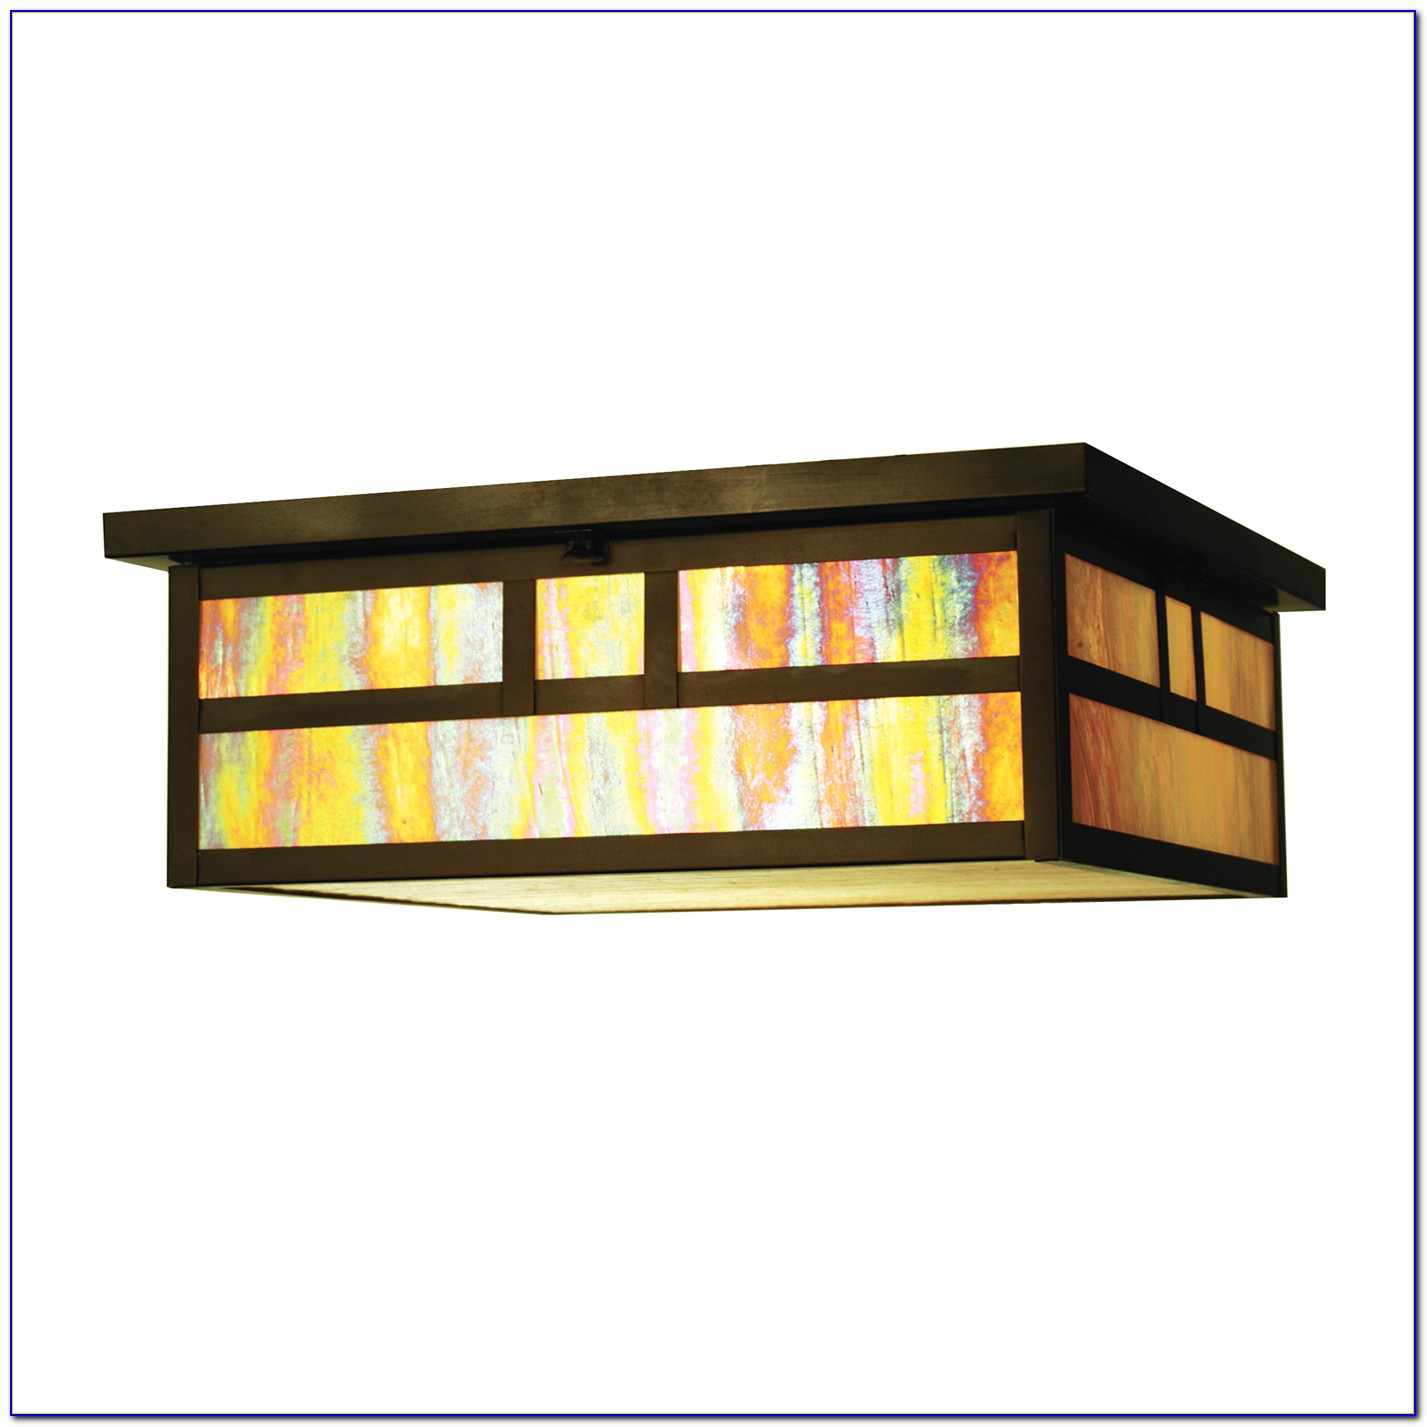 Craftsman Style Ceiling Fan Light Kit